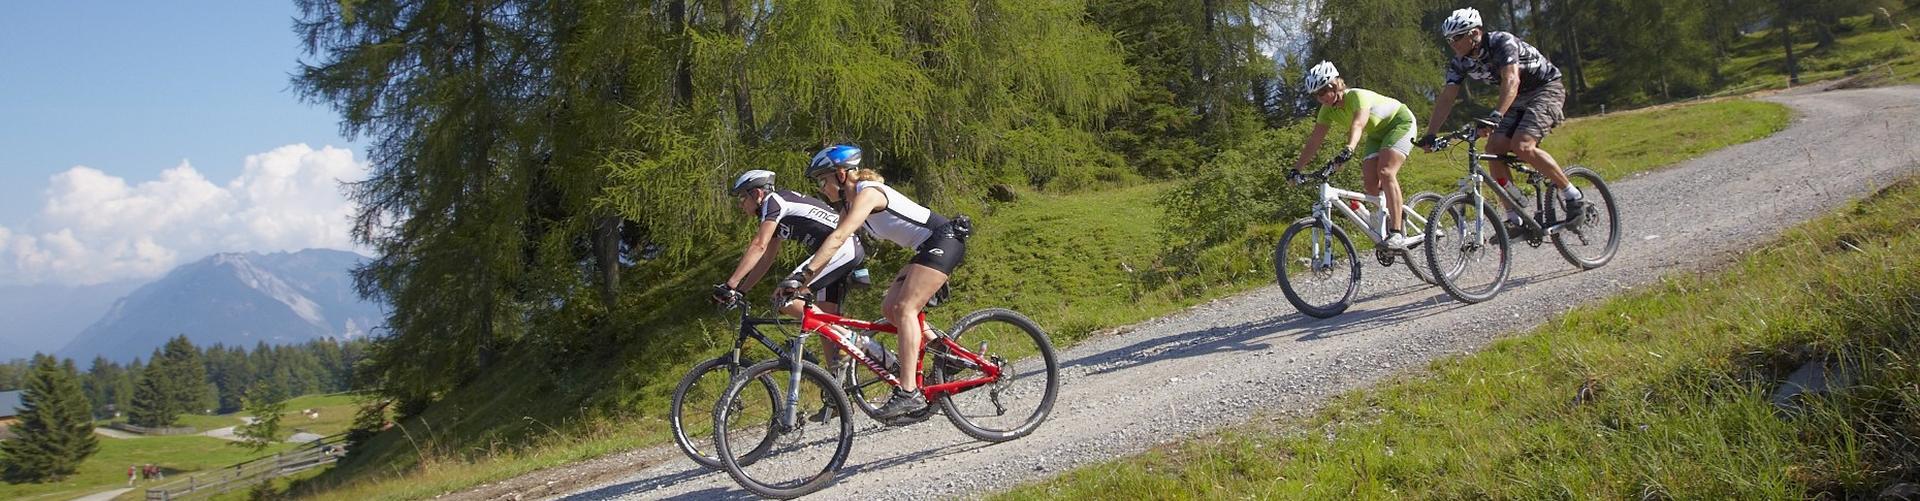 Mountainbiking in Österreich mit Hauser